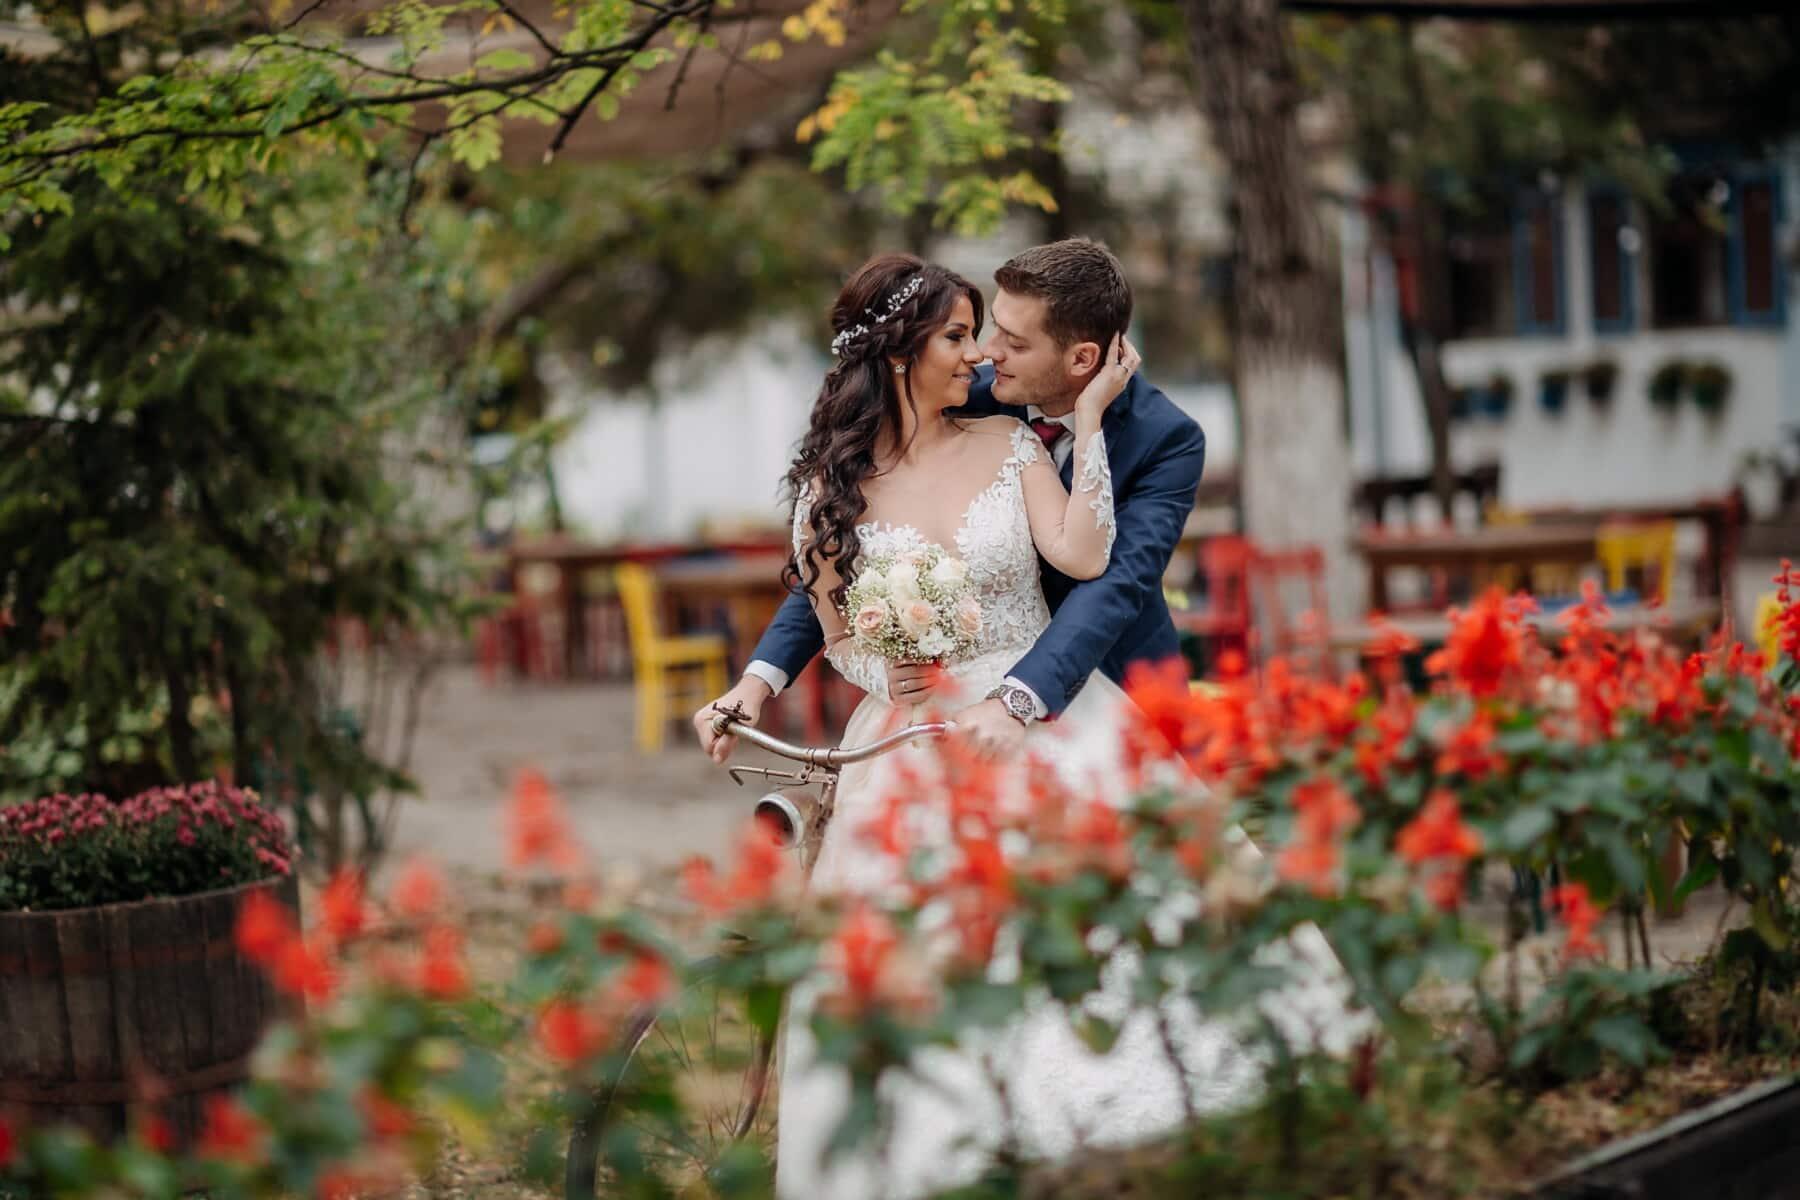 เจ้าสาว, จูบ, จักรยาน, เจ้าบ่าว, สนามหลังบ้าน, ความรัก, วิลเลจ, ดอกไม้, งานแต่งงาน, สาว